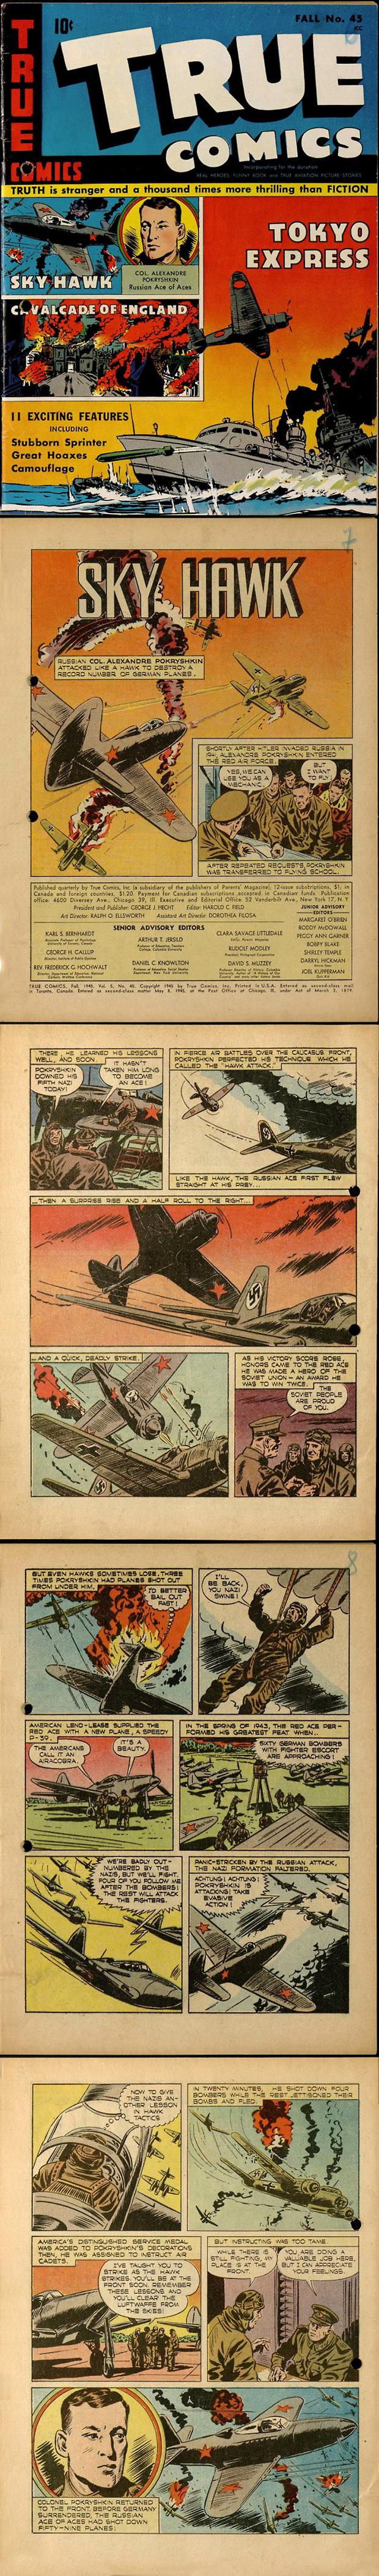 Фото №6 - Трижды герой СССР Покрышкин в американском комиксе